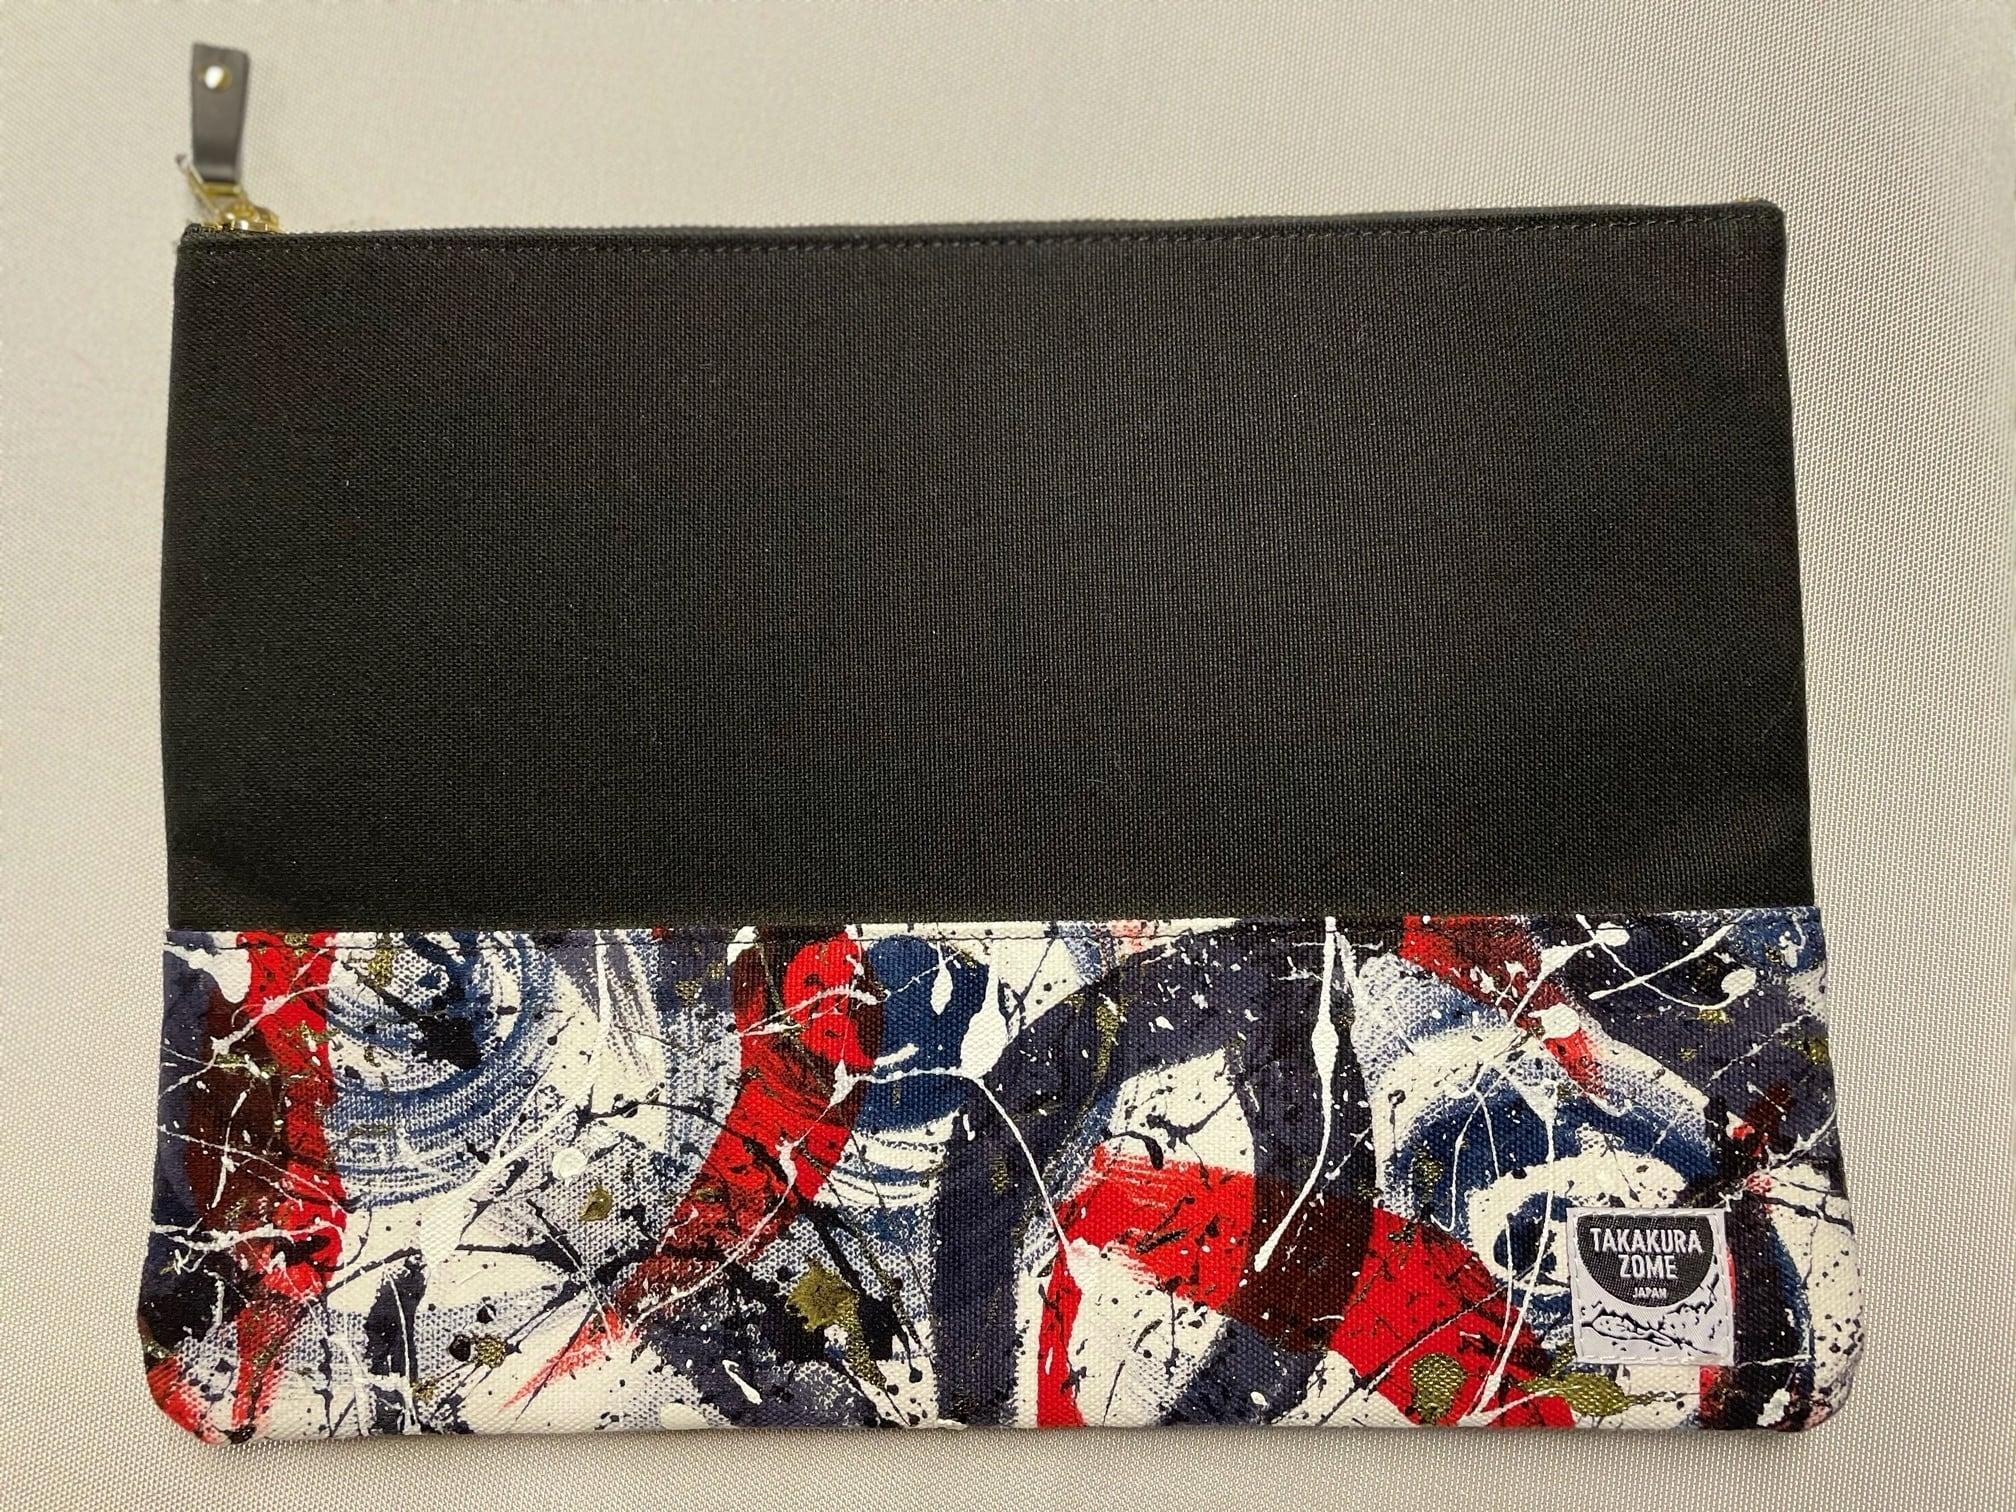 SHIBUKI ART Clutch Bag / KABUKI